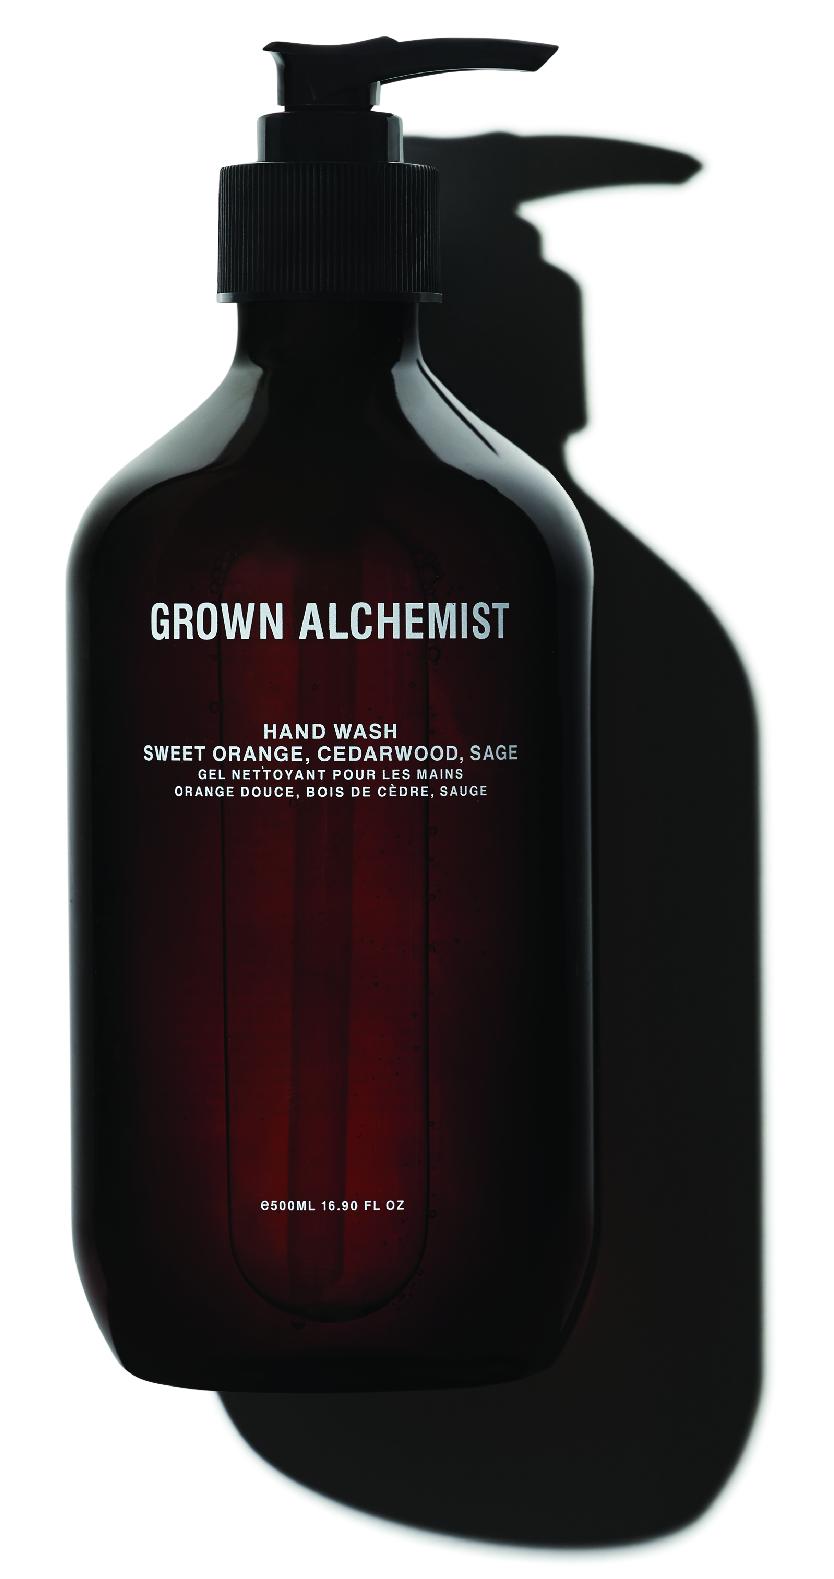 Grown Alchemist Hand Wash